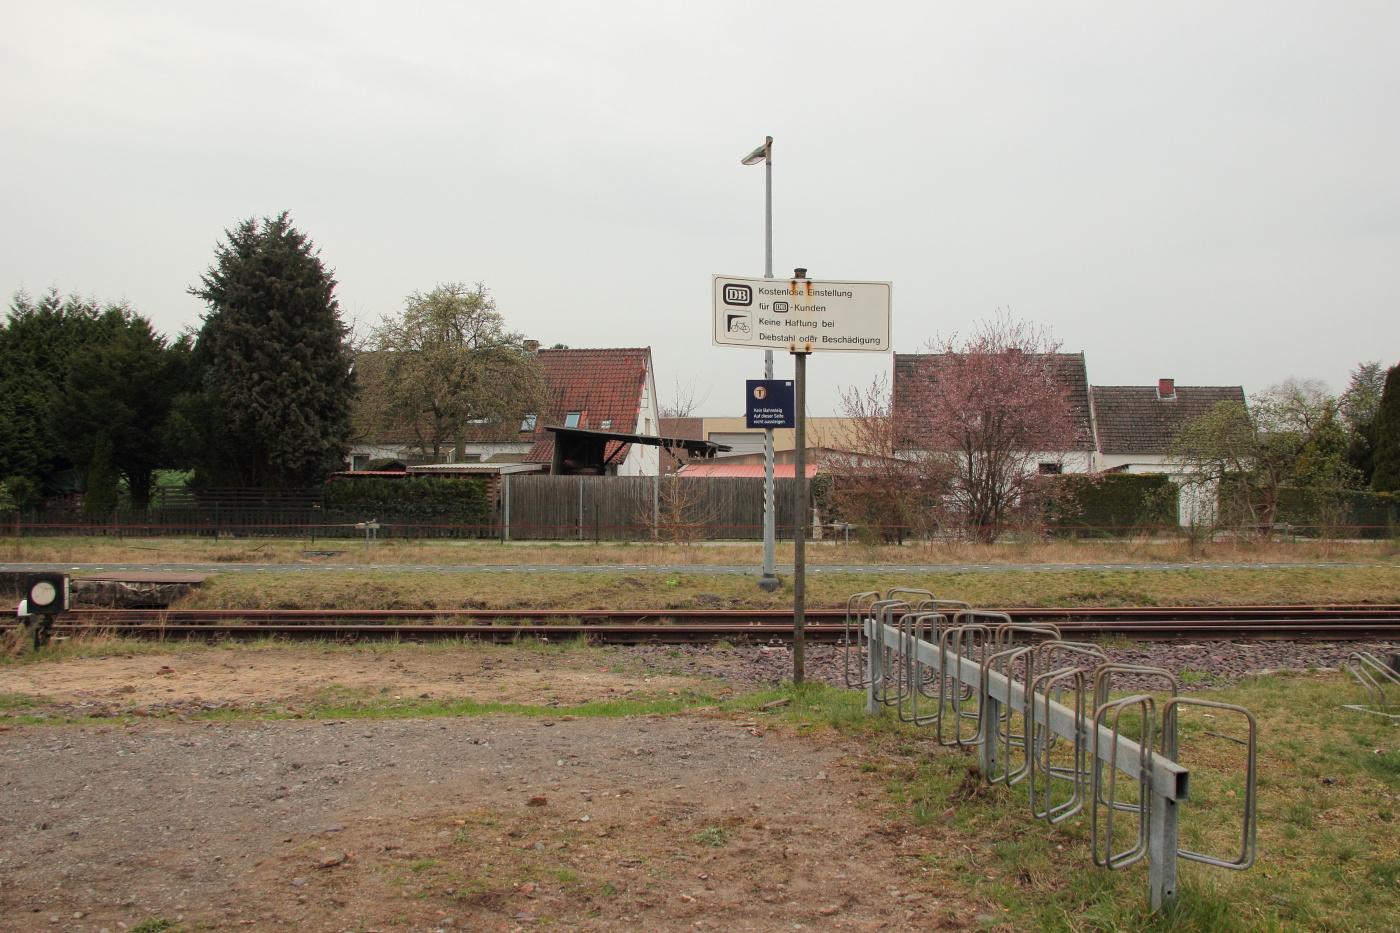 http://www.nachtbahner.de/Fotos/2014-04-05%20M%c3%bchlenbahn/k-IMG_2657%20KBS%20115%20M%c3%bchlenbahn%2005.04.14%20(13).JPG